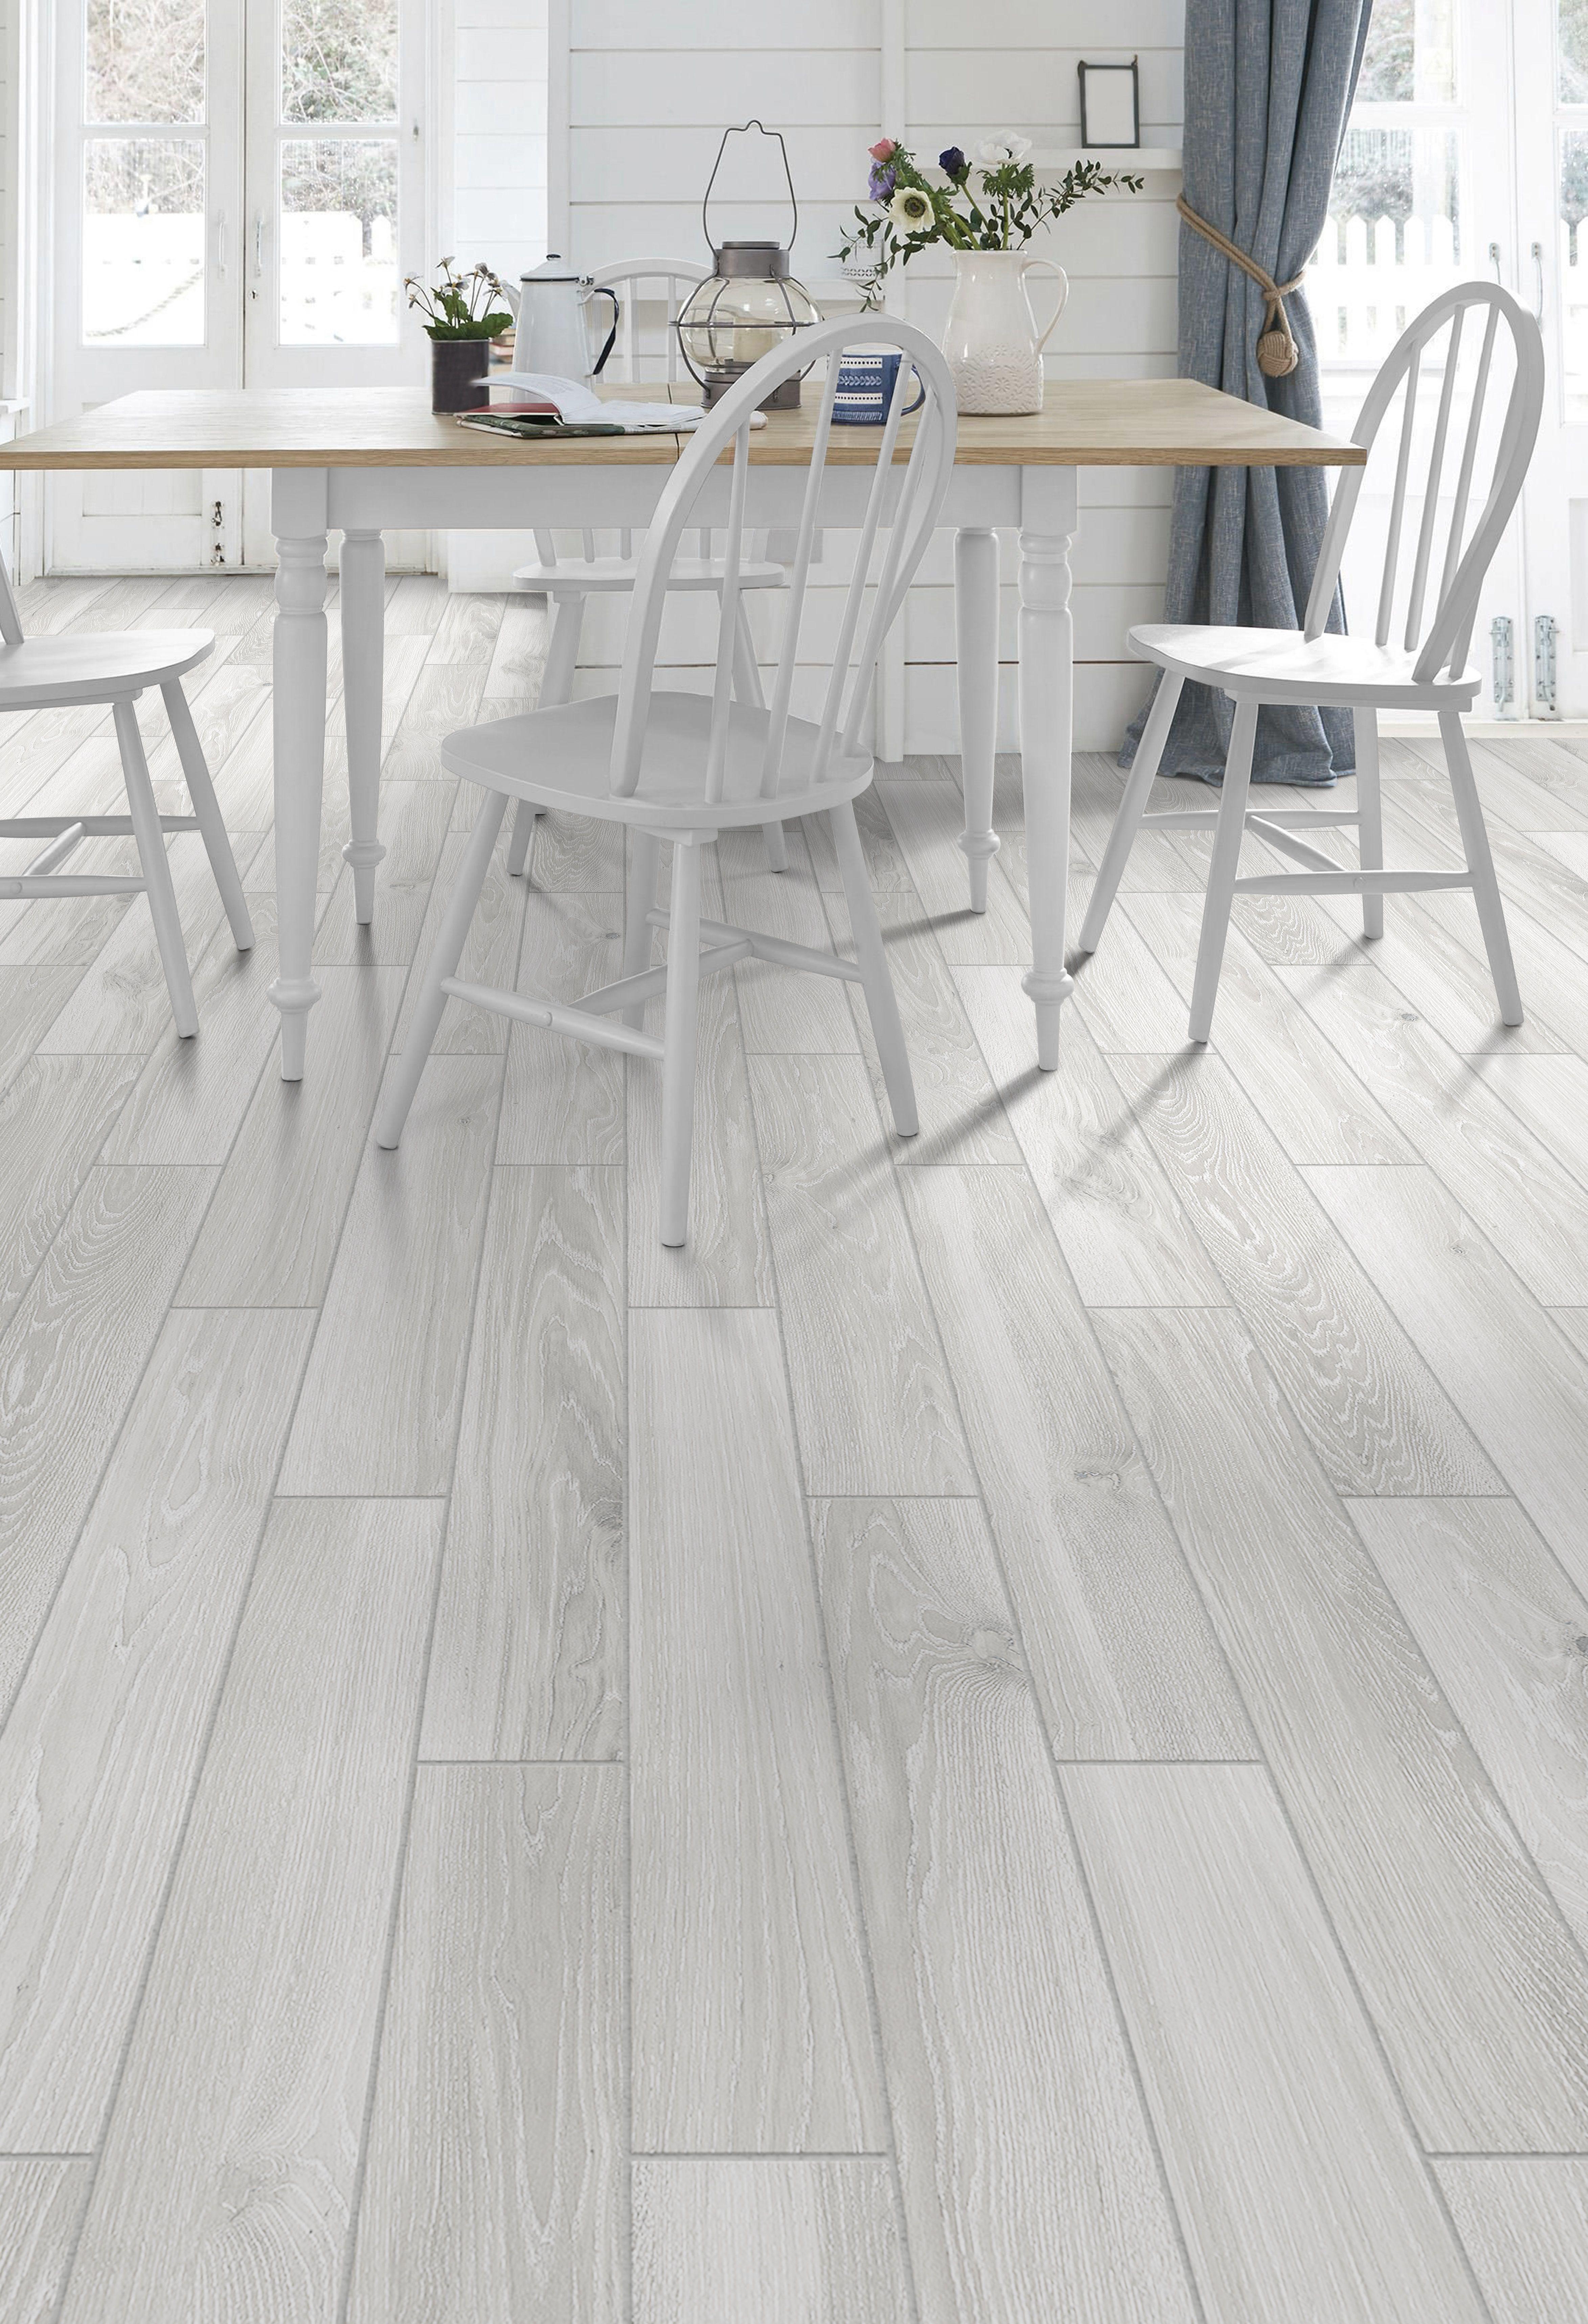 Wood Look Tile Gray Flooring